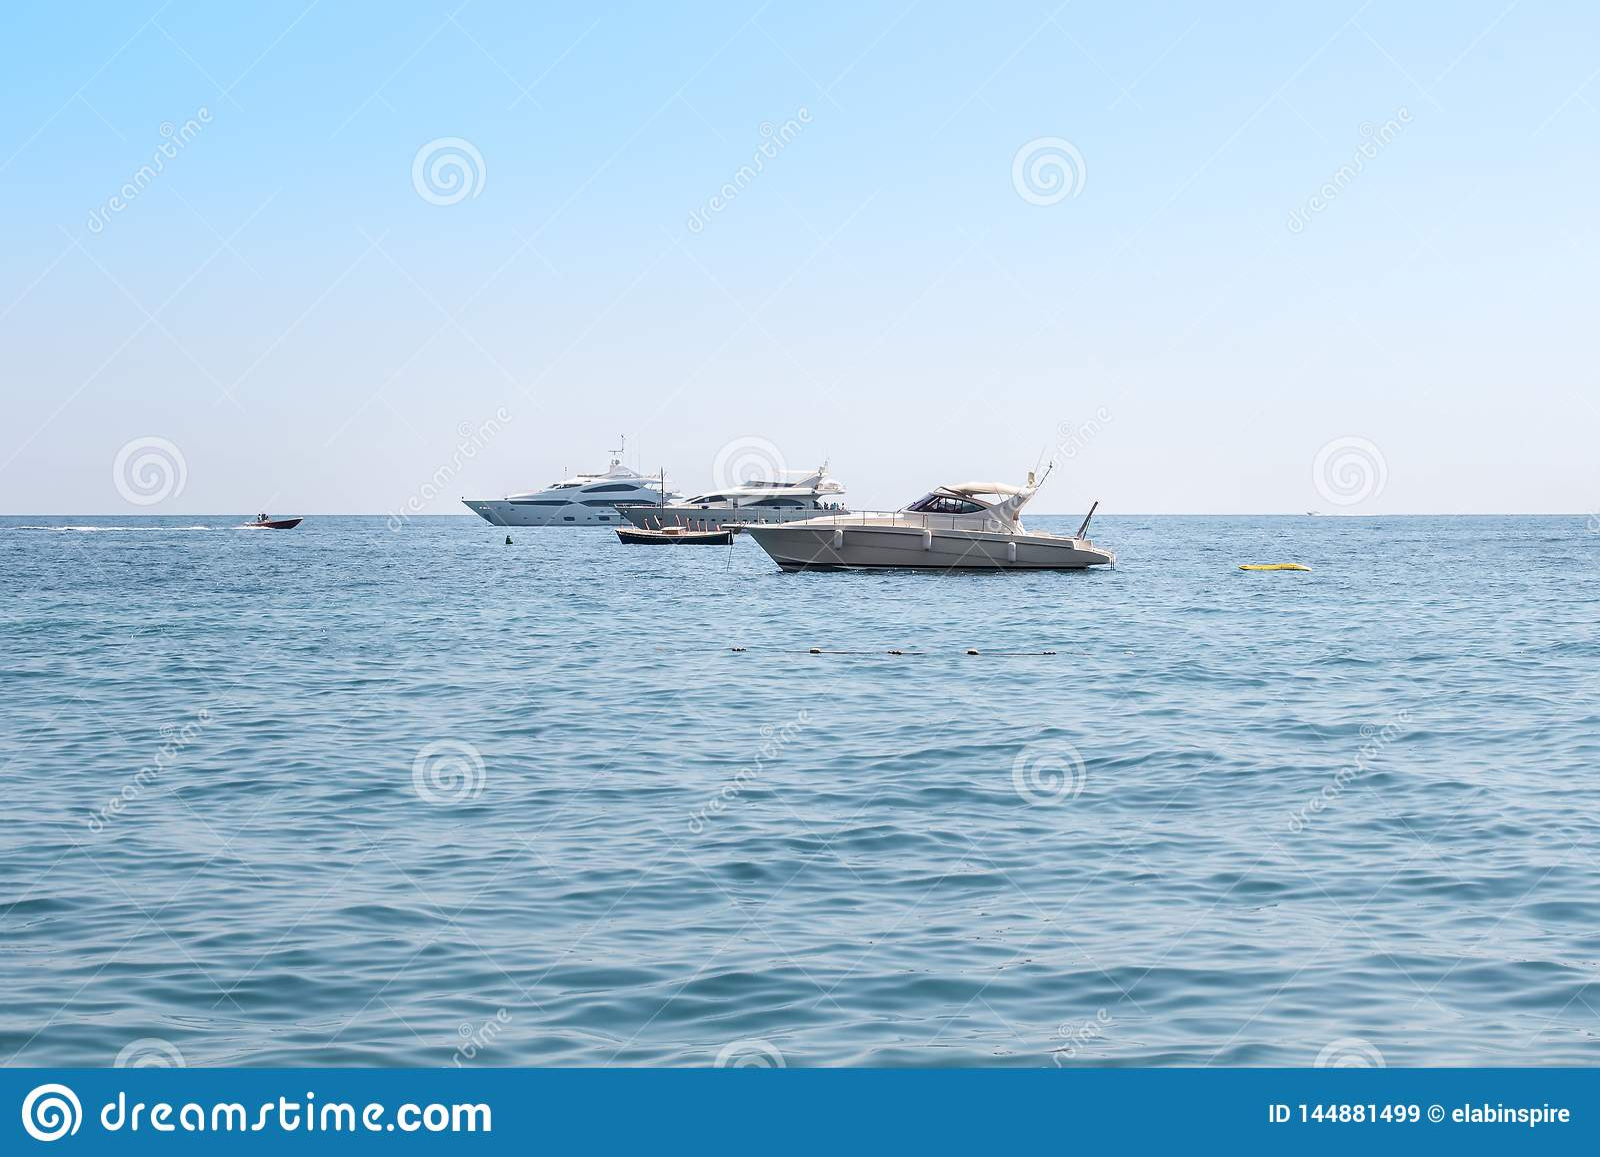 Weiße Luxusyachten, Motorboote, die in das Meer schwimmen oder Ozean Küsten-Luxusferien Italiens, Amalfi, Tourismus